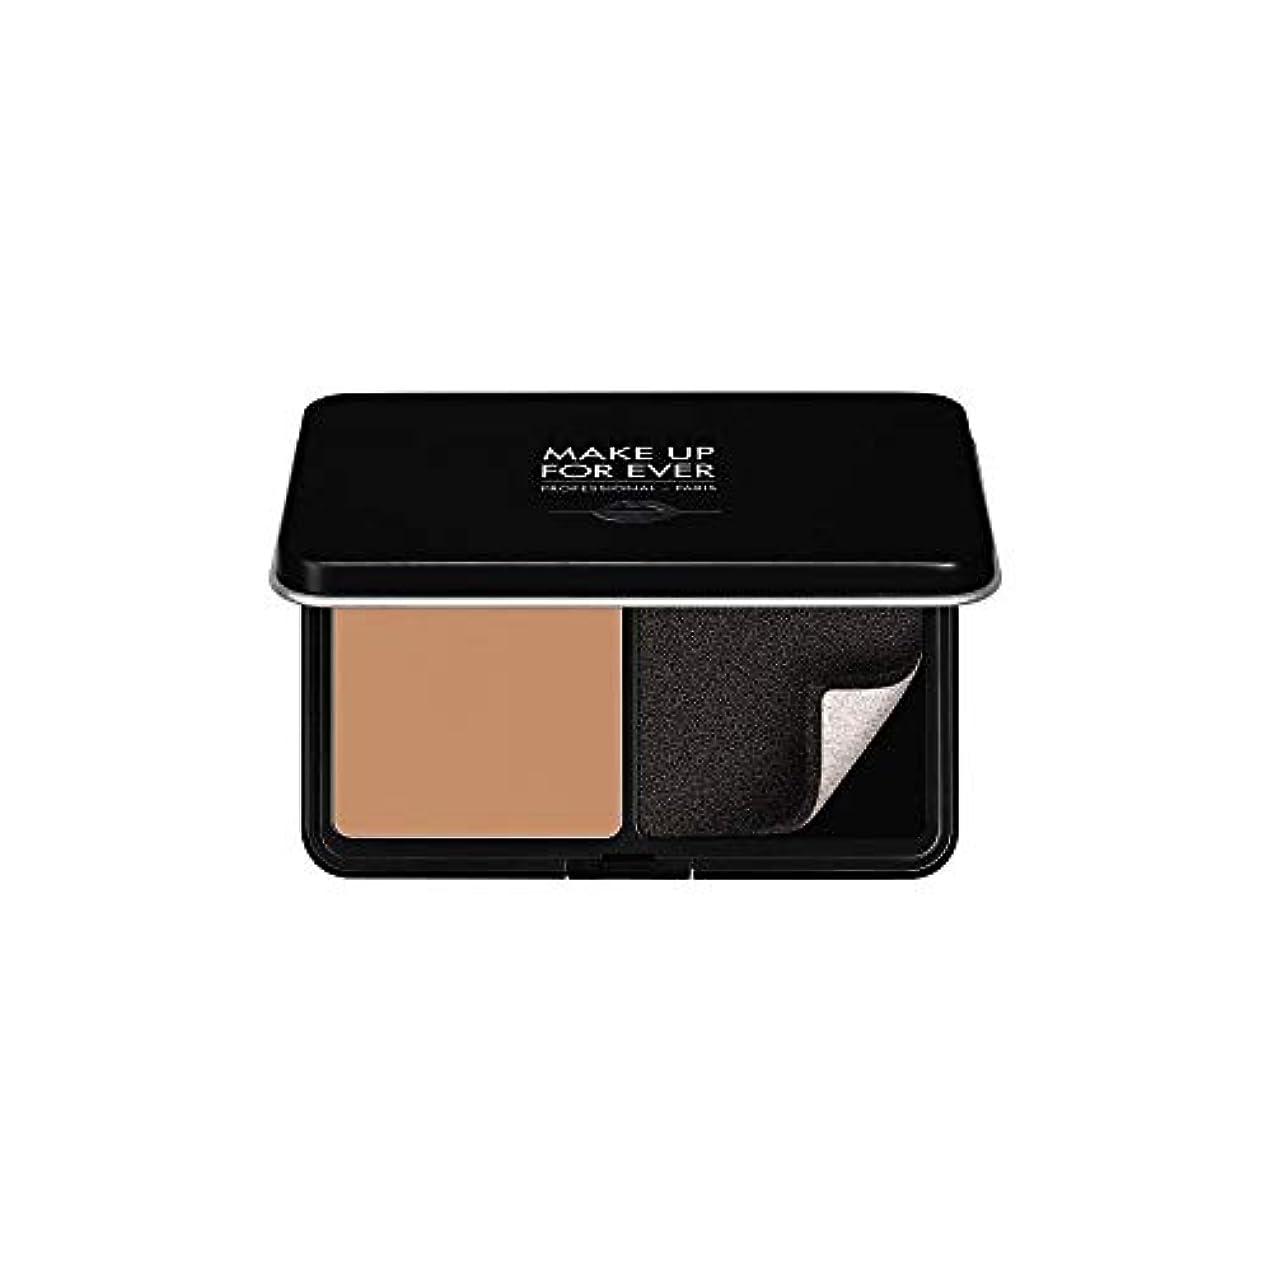 ブラシ正義贈り物メイクアップフォーエバー Matte Velvet Skin Blurring Powder Foundation - # R410 (Golden Beige) 11g/0.38oz並行輸入品